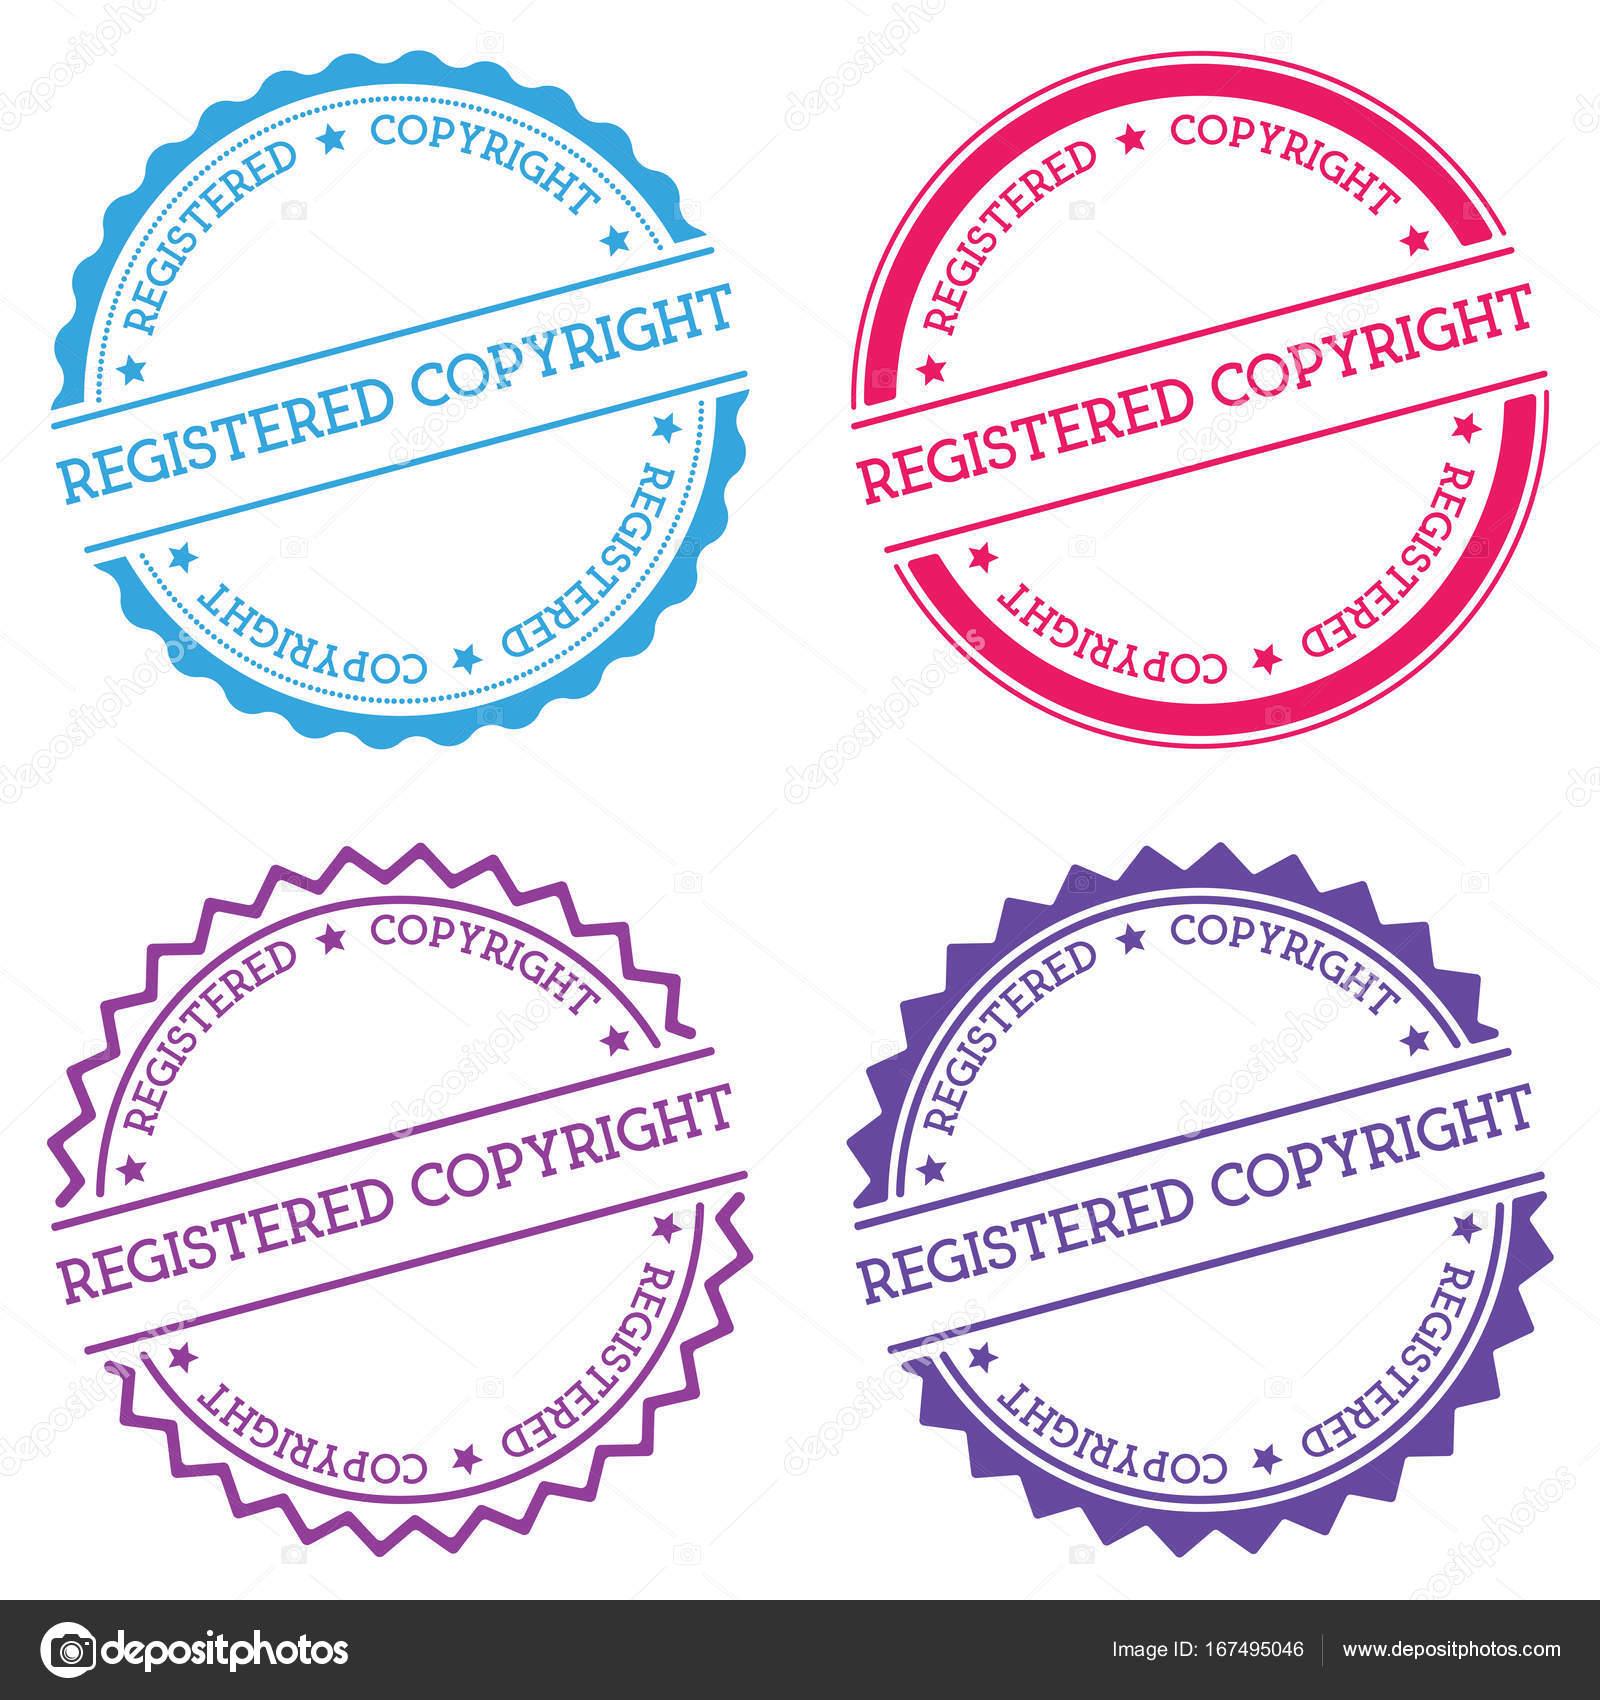 Registered Copyright Badge Isolated On White Background Flat Style